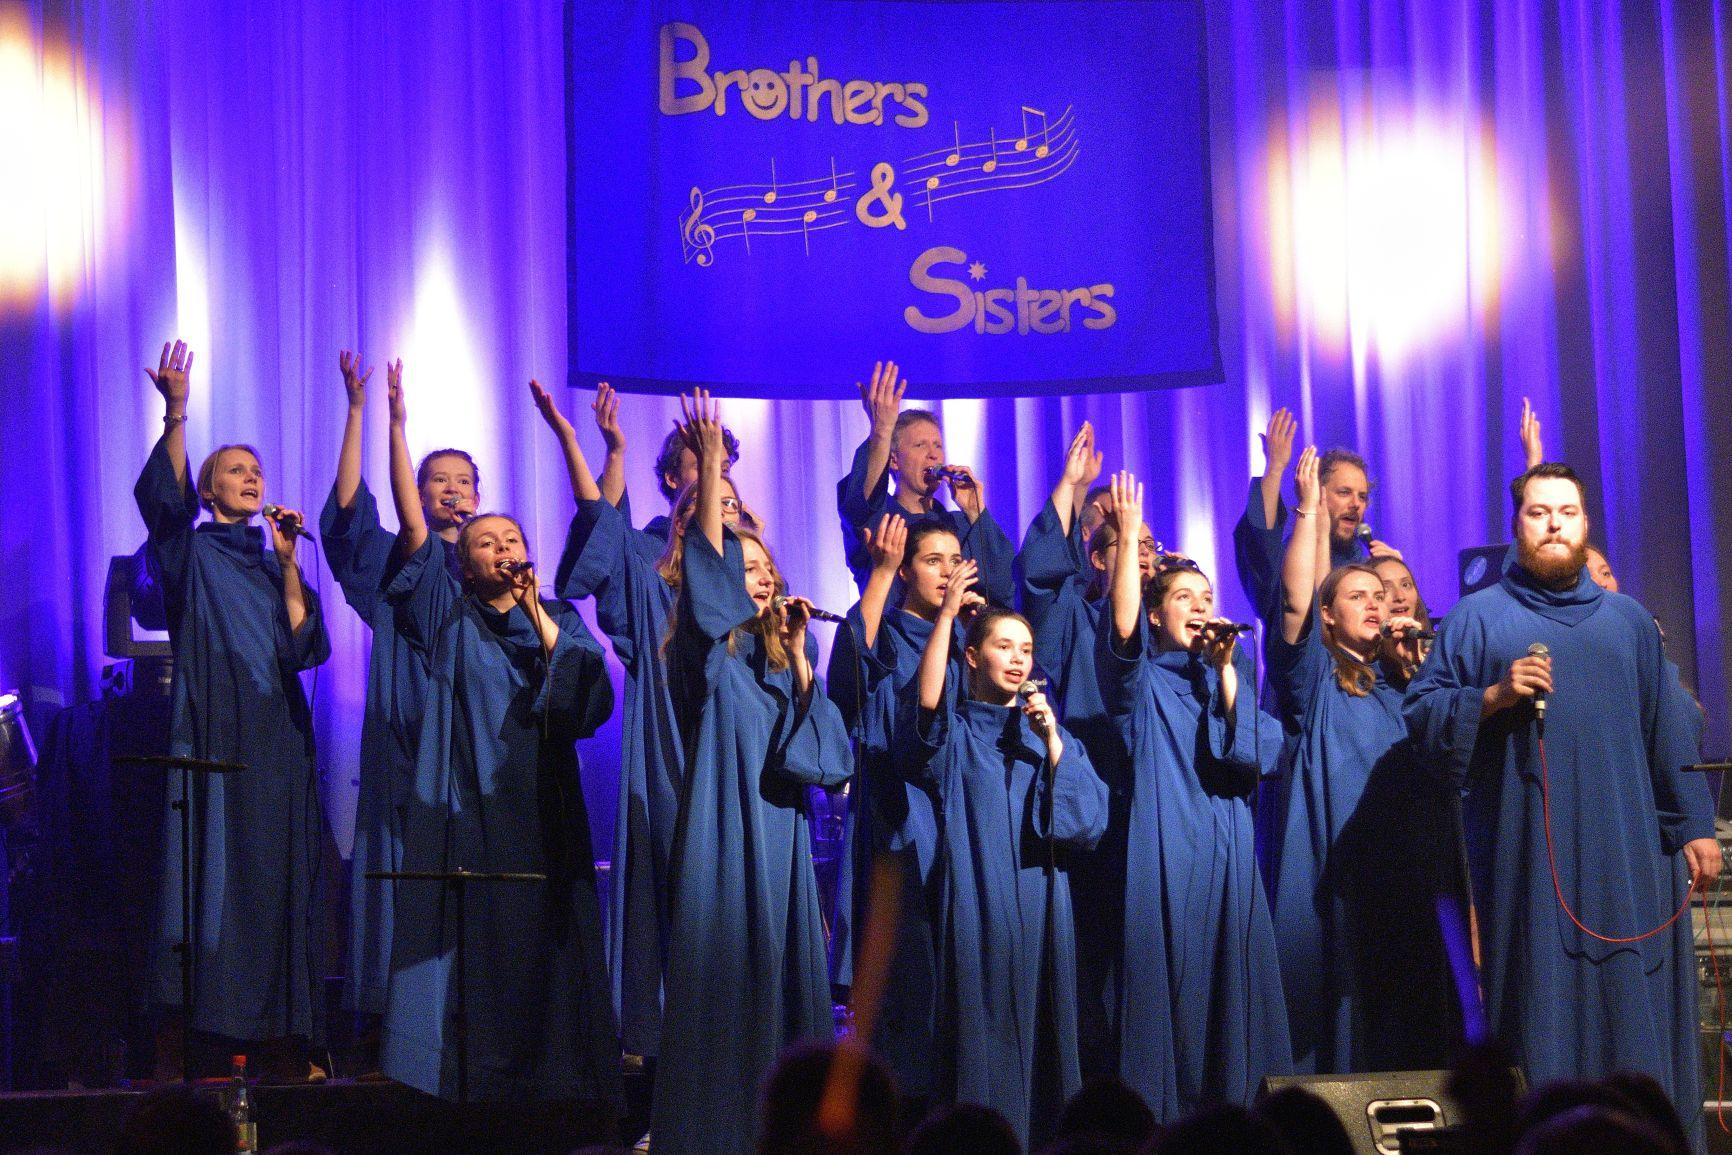 Brothers and Sisters Gospelchor Wehrheim Weihnachtskonzert 2019 im Bürgerhaus Wehrheim